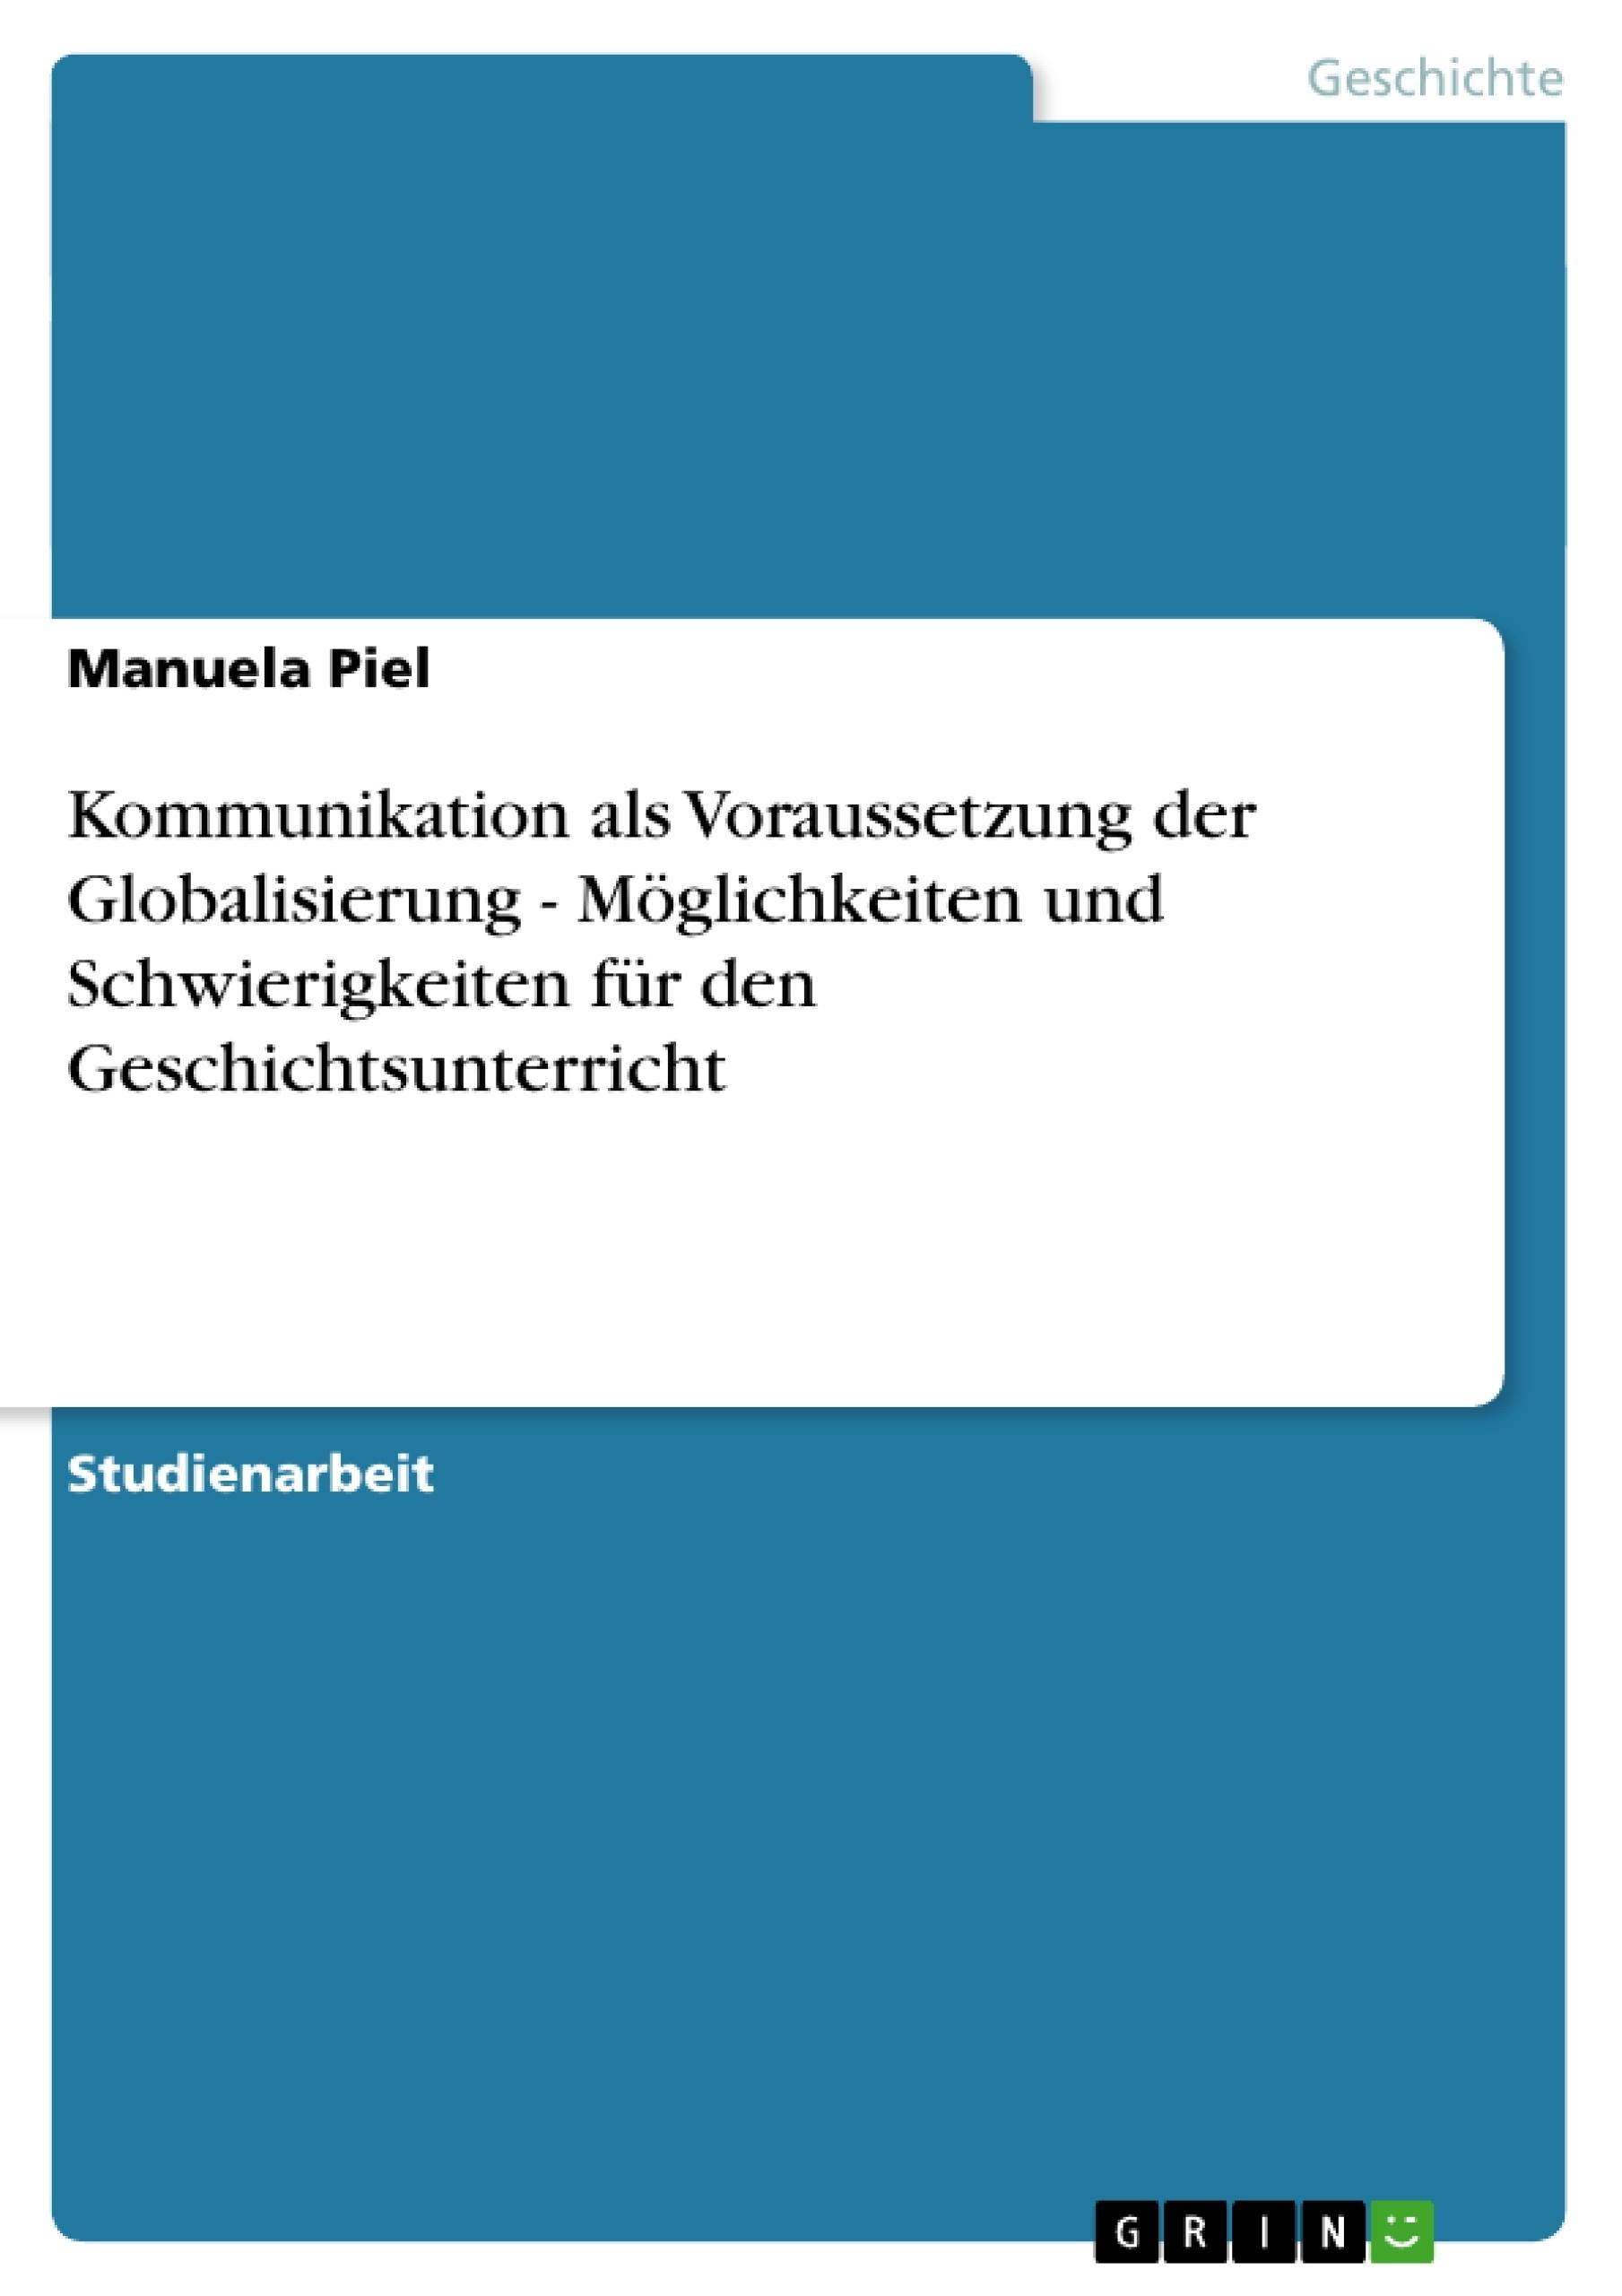 Titel: Kommunikation als Voraussetzung der Globalisierung  -  Möglichkeiten und Schwierigkeiten für den Geschichtsunterricht